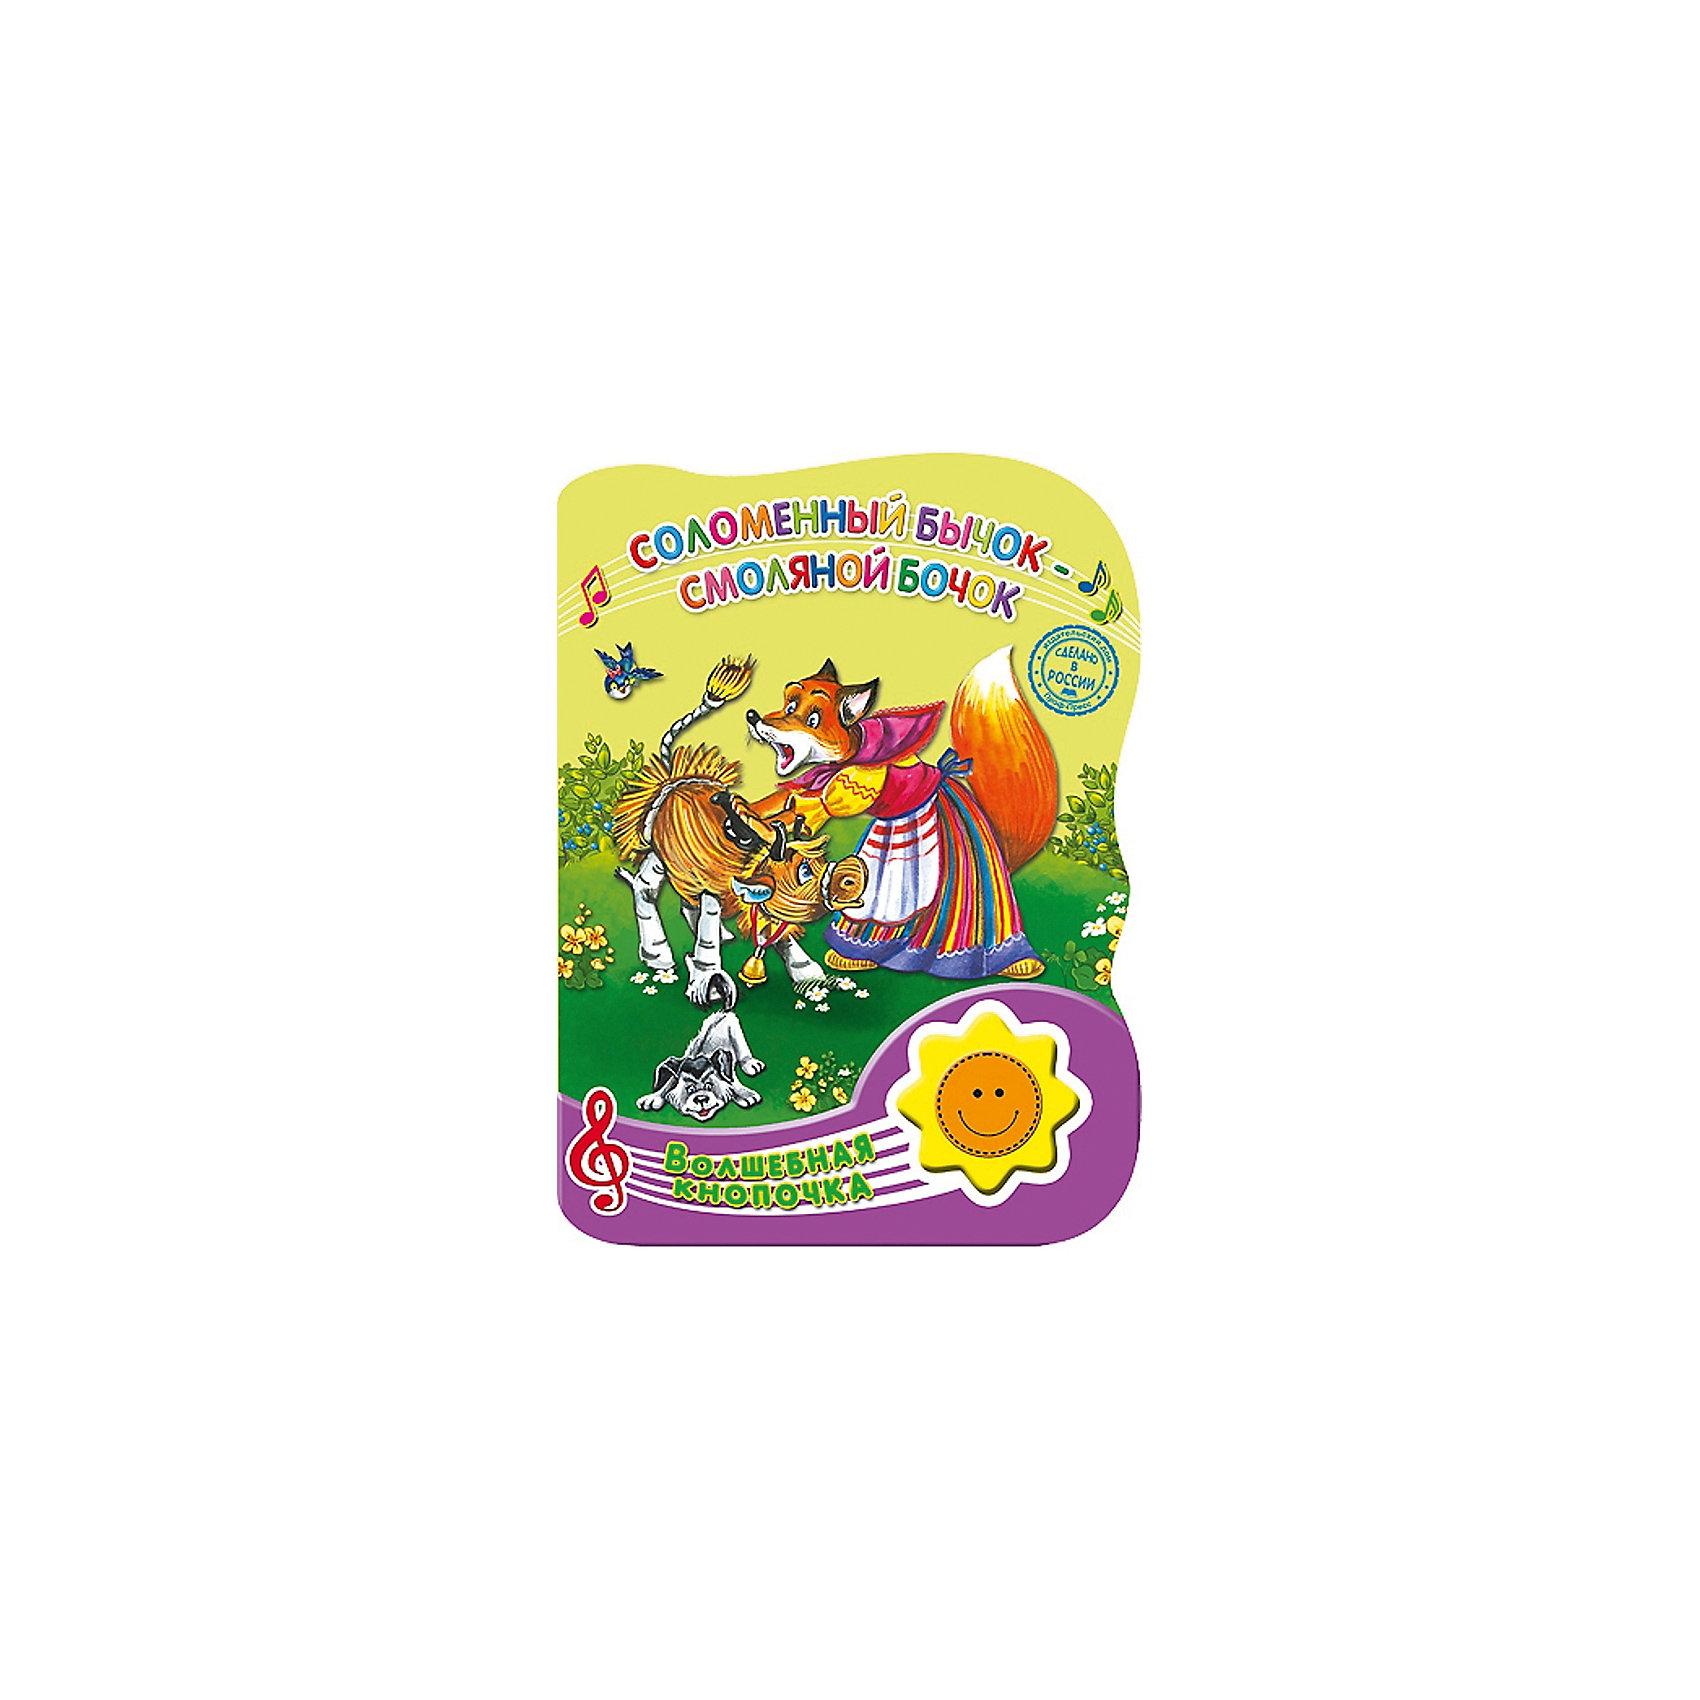 Соломенный бычок-смоляной бочок, Волшебная кнопочкаМузыкальные книги<br>Есть сказки, проверенные многими поколениями, которые понравятся и современным детям. Книги - это лучший подарок не только взрослым, они помогают детям познавать мир и учиться читать, также книги позволяют ребенку весело проводить время. Они также стимулируют развитие воображения, логики и творческого мышления.<br>Это издание сделано специально для самых маленьких - с плотными страничками и звуковым модулем, который будет сопровождать сказку песенками и музыкой. Яркие картинки обязательно понравятся малышам! Книга сделана из качественных и безопасных для детей материалов.<br>  <br>Дополнительная информация:<br><br>страниц: 8; <br>размер: 212x155x25 мм;<br>вес: 200 г.<br><br>Книгу со звуковым модулем Волшебная кнопочка. Соломенный бычок-смоляной бочок от издательства Проф-Пресс можно купить в нашем магазине.<br><br>Ширина мм: 155<br>Глубина мм: 20<br>Высота мм: 210<br>Вес г: 200<br>Возраст от месяцев: 0<br>Возраст до месяцев: 60<br>Пол: Унисекс<br>Возраст: Детский<br>SKU: 4787254